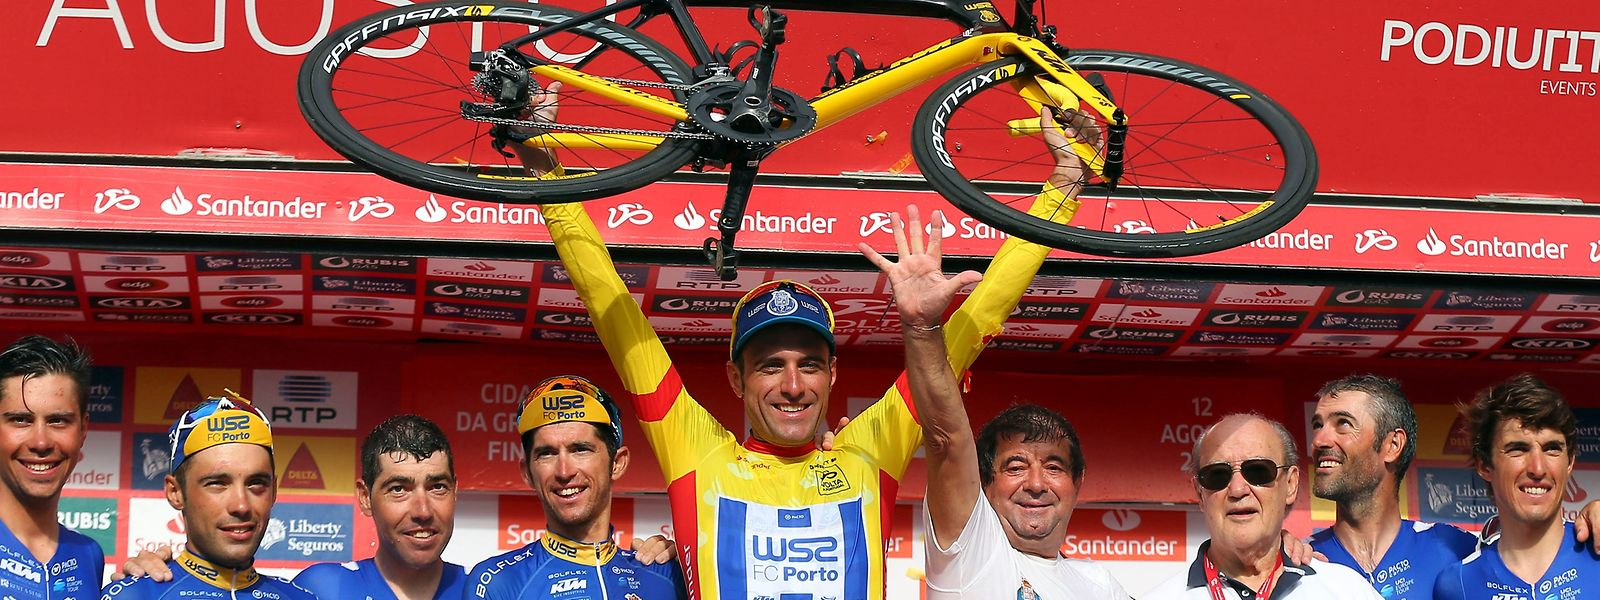 Os ciclistas, equipa técnica e presidente do FC Porto, Pinto da Costa (3D), posam para as fotografias após vencerem a classificação geral individual e por equipas